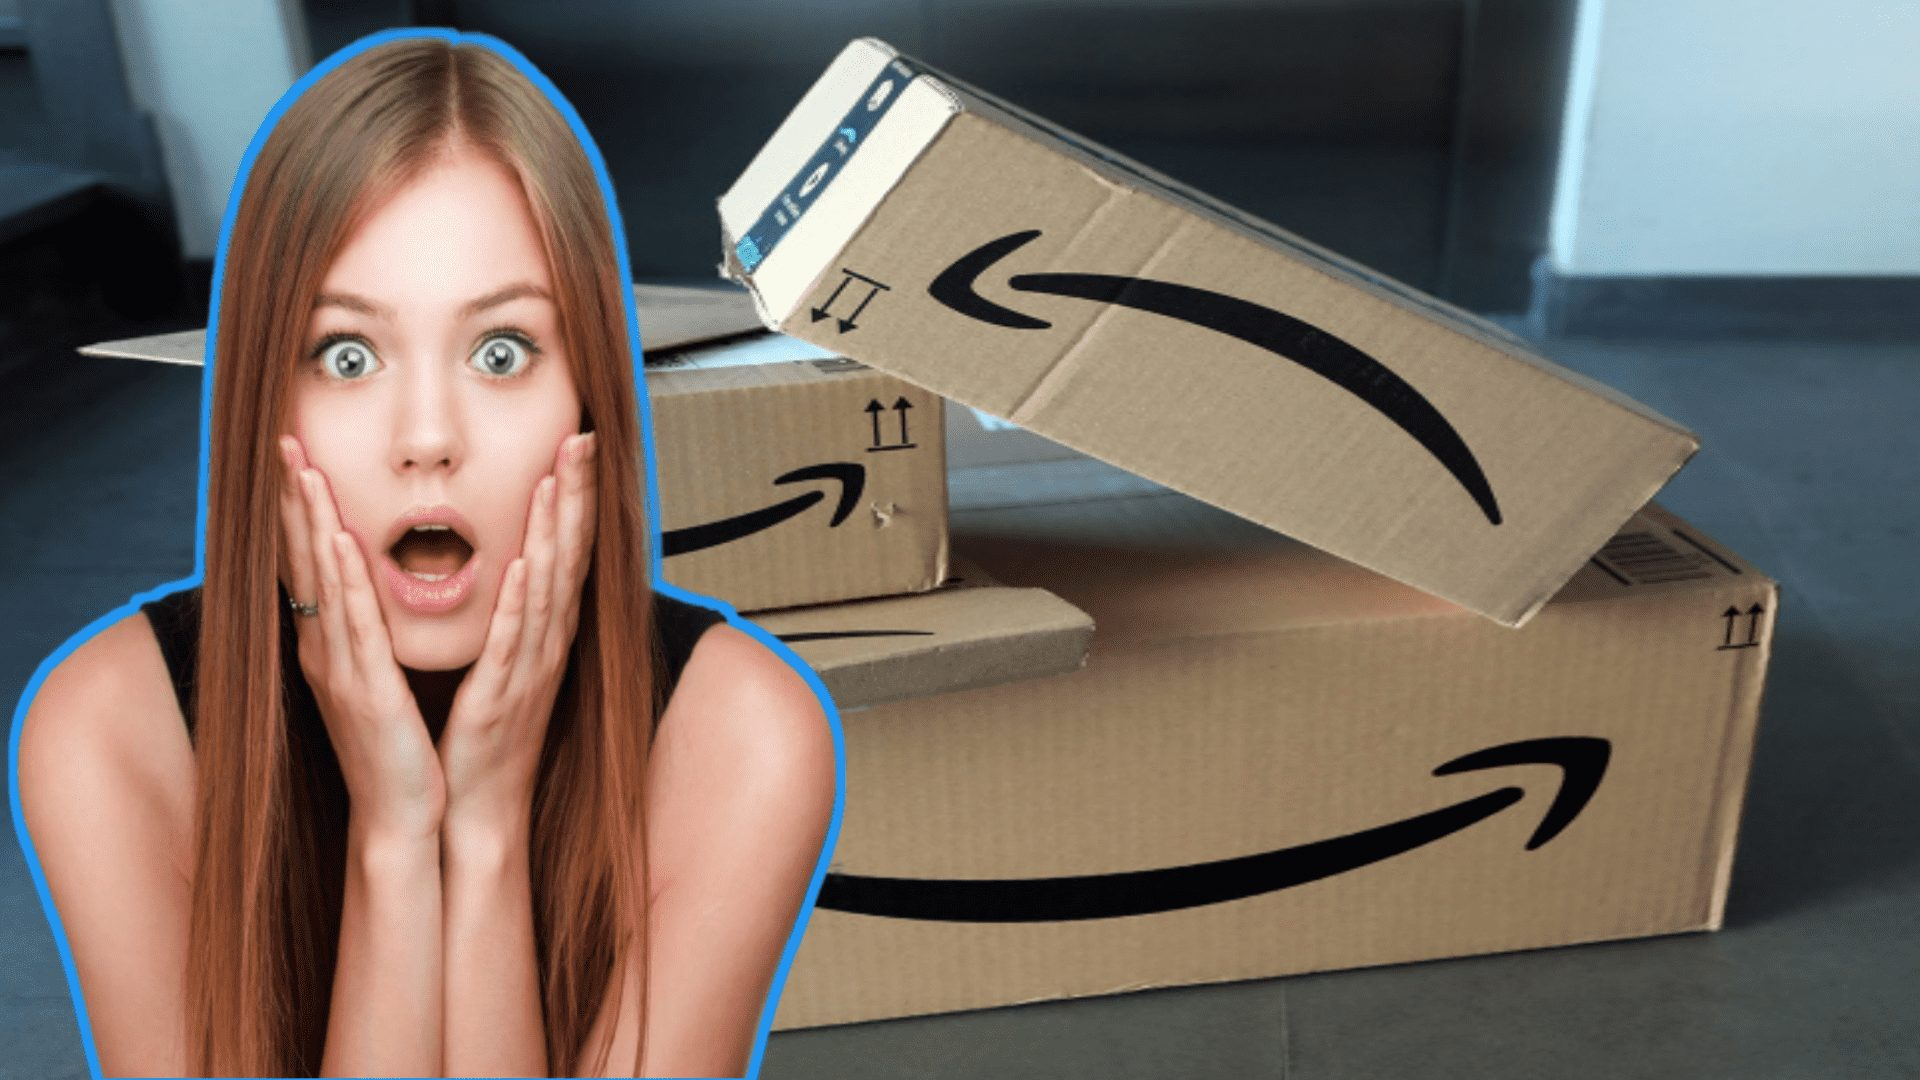 قصة ليندا التي خسرت 2000 دولار بسبب عملية أحتيال على Amazon